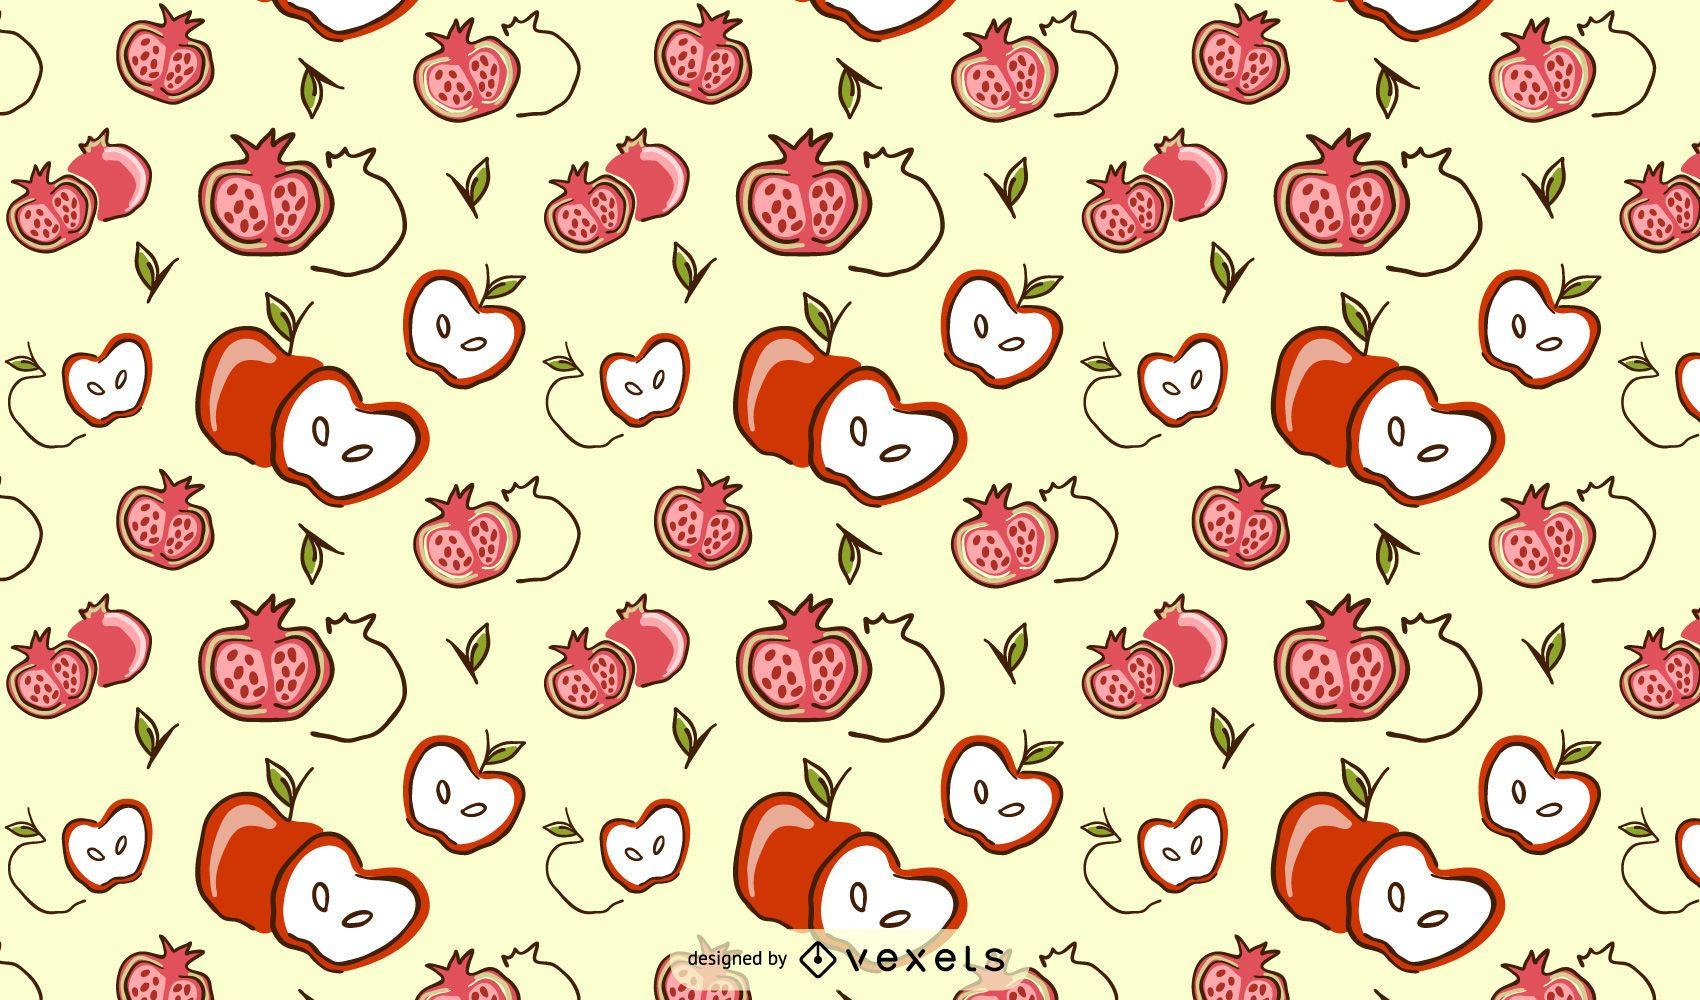 Apple pomegrate pattern design